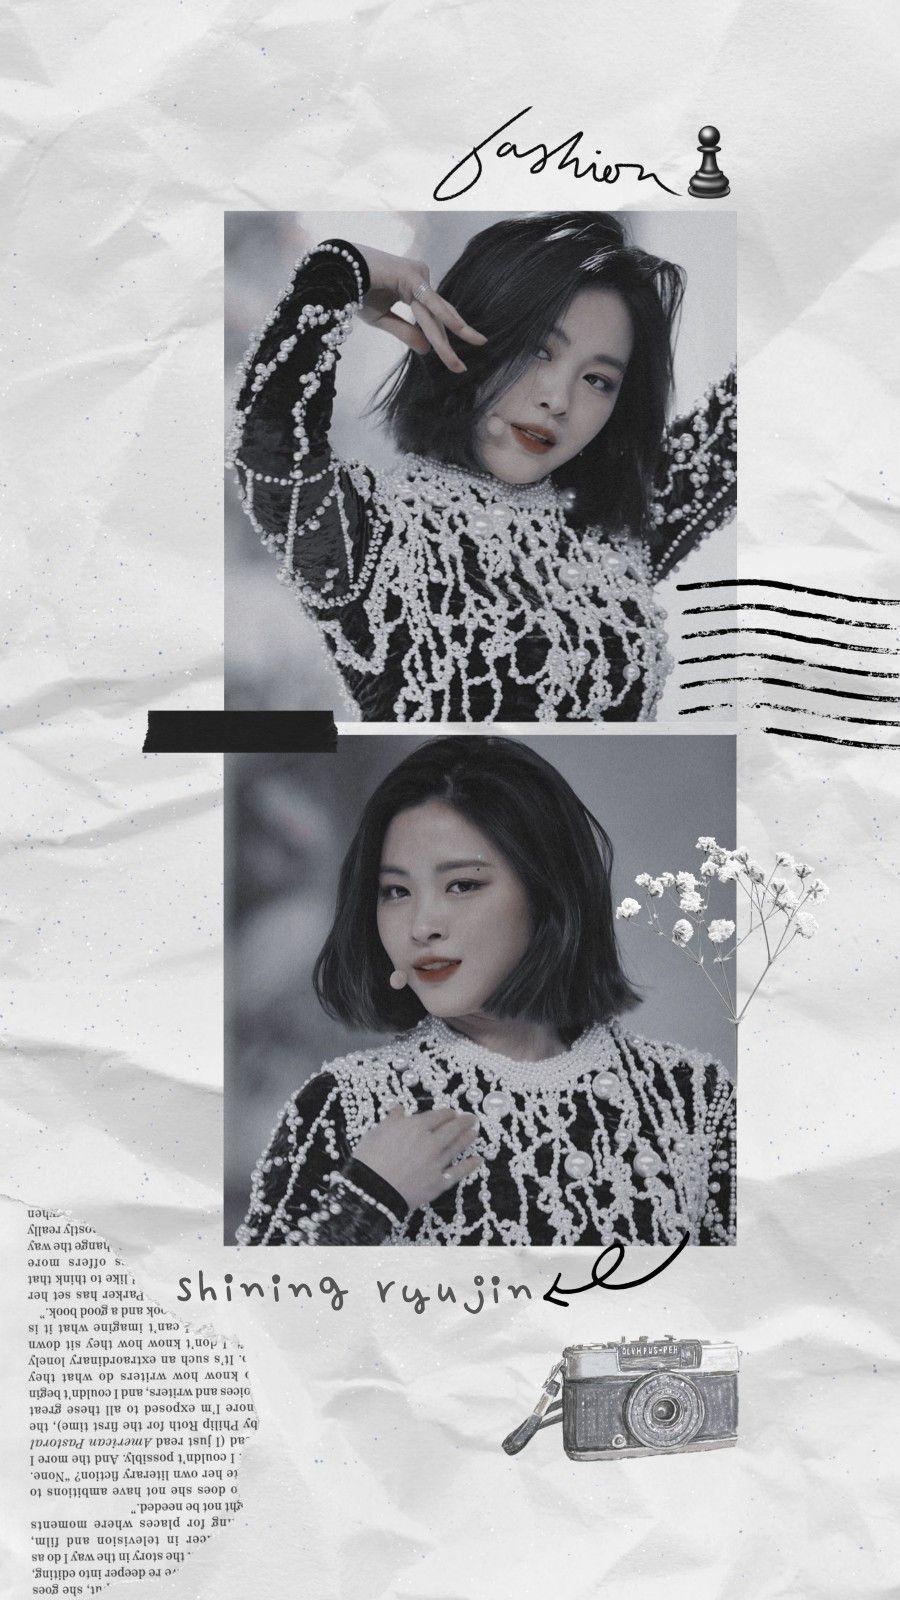 𝒄𝒂𝒆𝒓𝒖𝒍𝒆𝒖𝒔𝒆𝒅 Ryujin Aesthetic Wallpaper Gambar Tokoh Gambar Ilustrasi Lucu